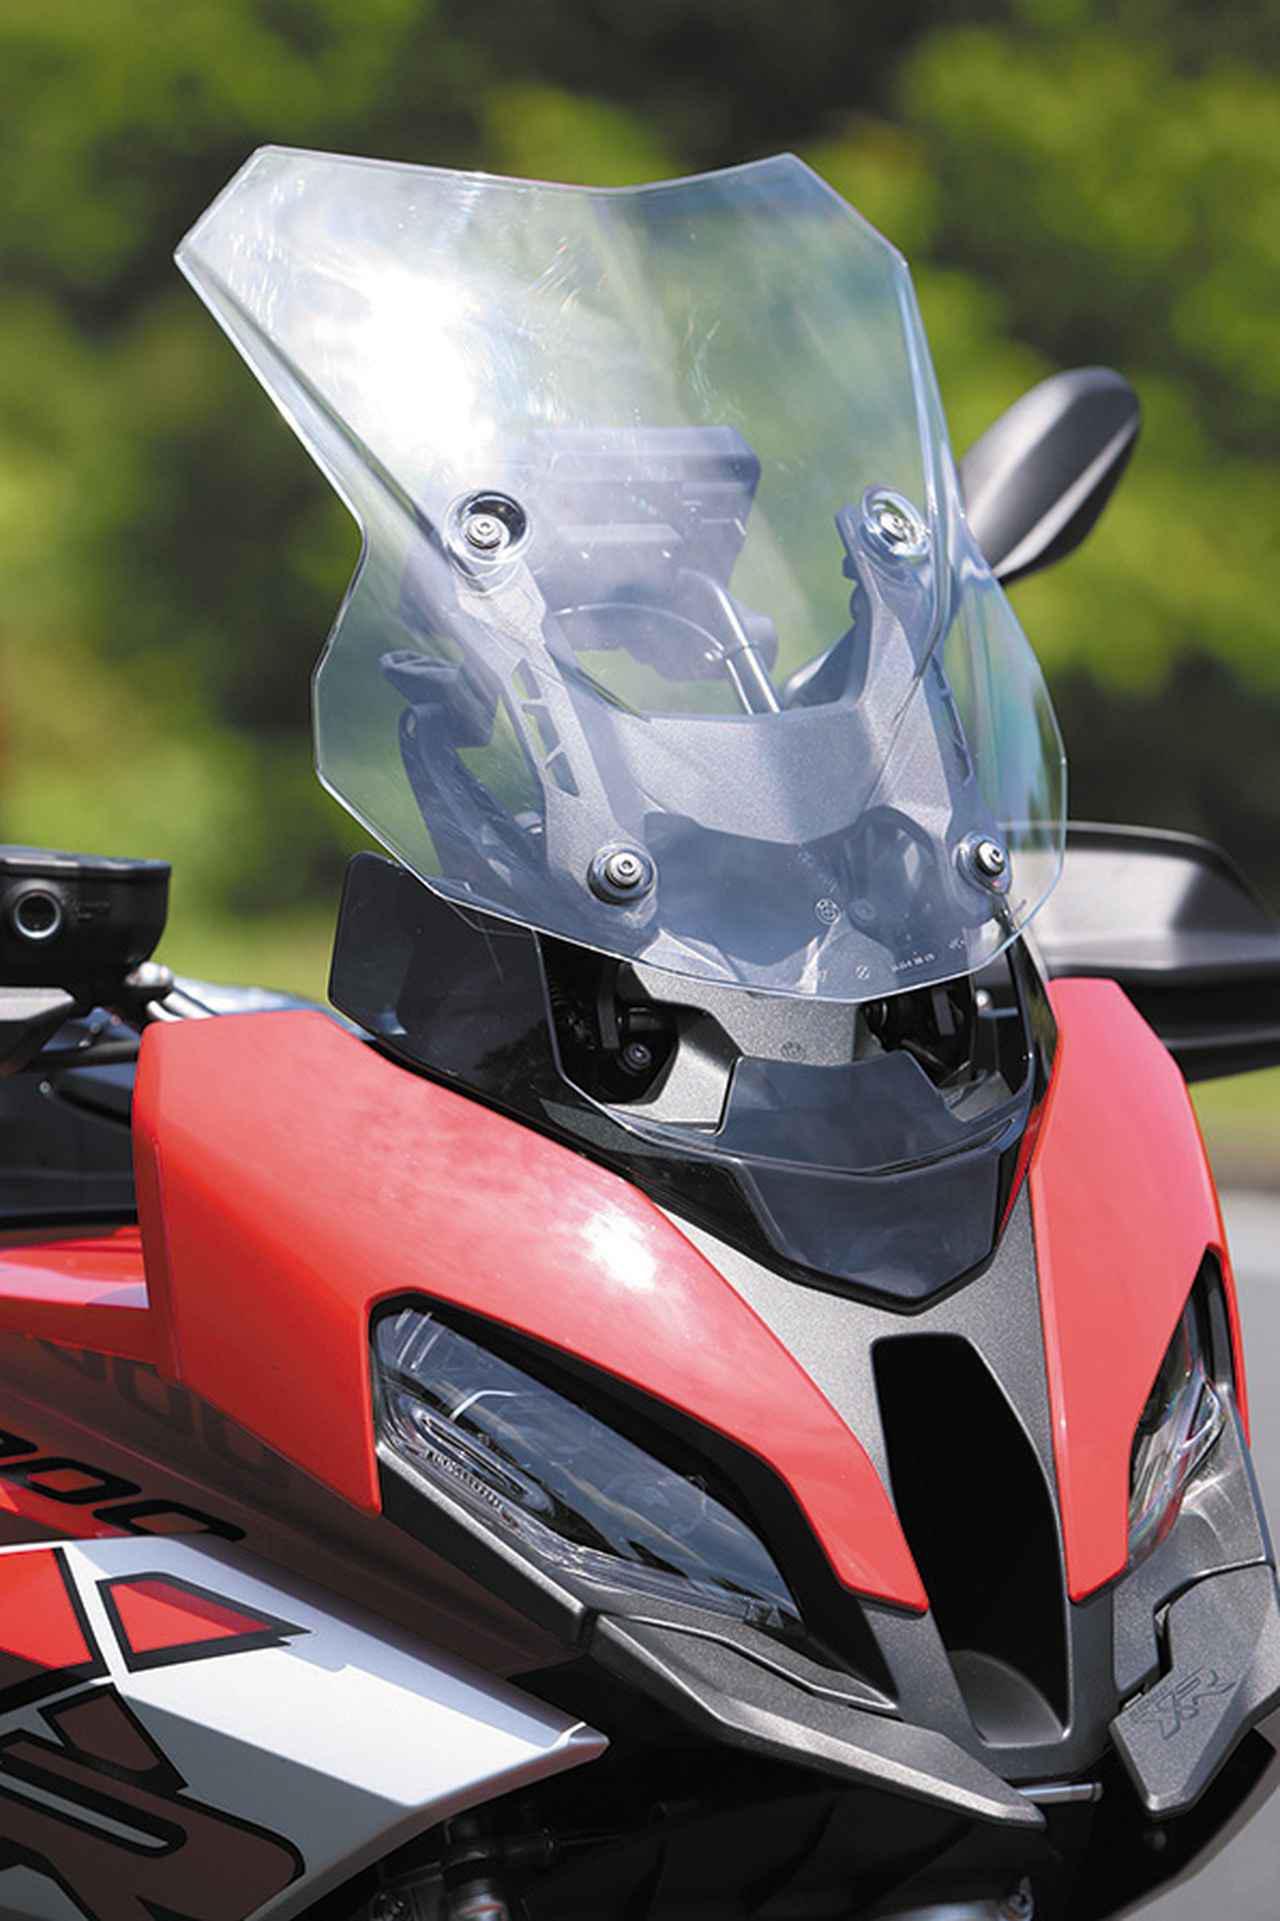 画像2: BMW「S 1000 XR」これぞスーパースポーツ・アドベンチャー! S1000RR直系のエンジンを持つ魅惑のマシン【試乗インプレ・車両解説】(2020年)